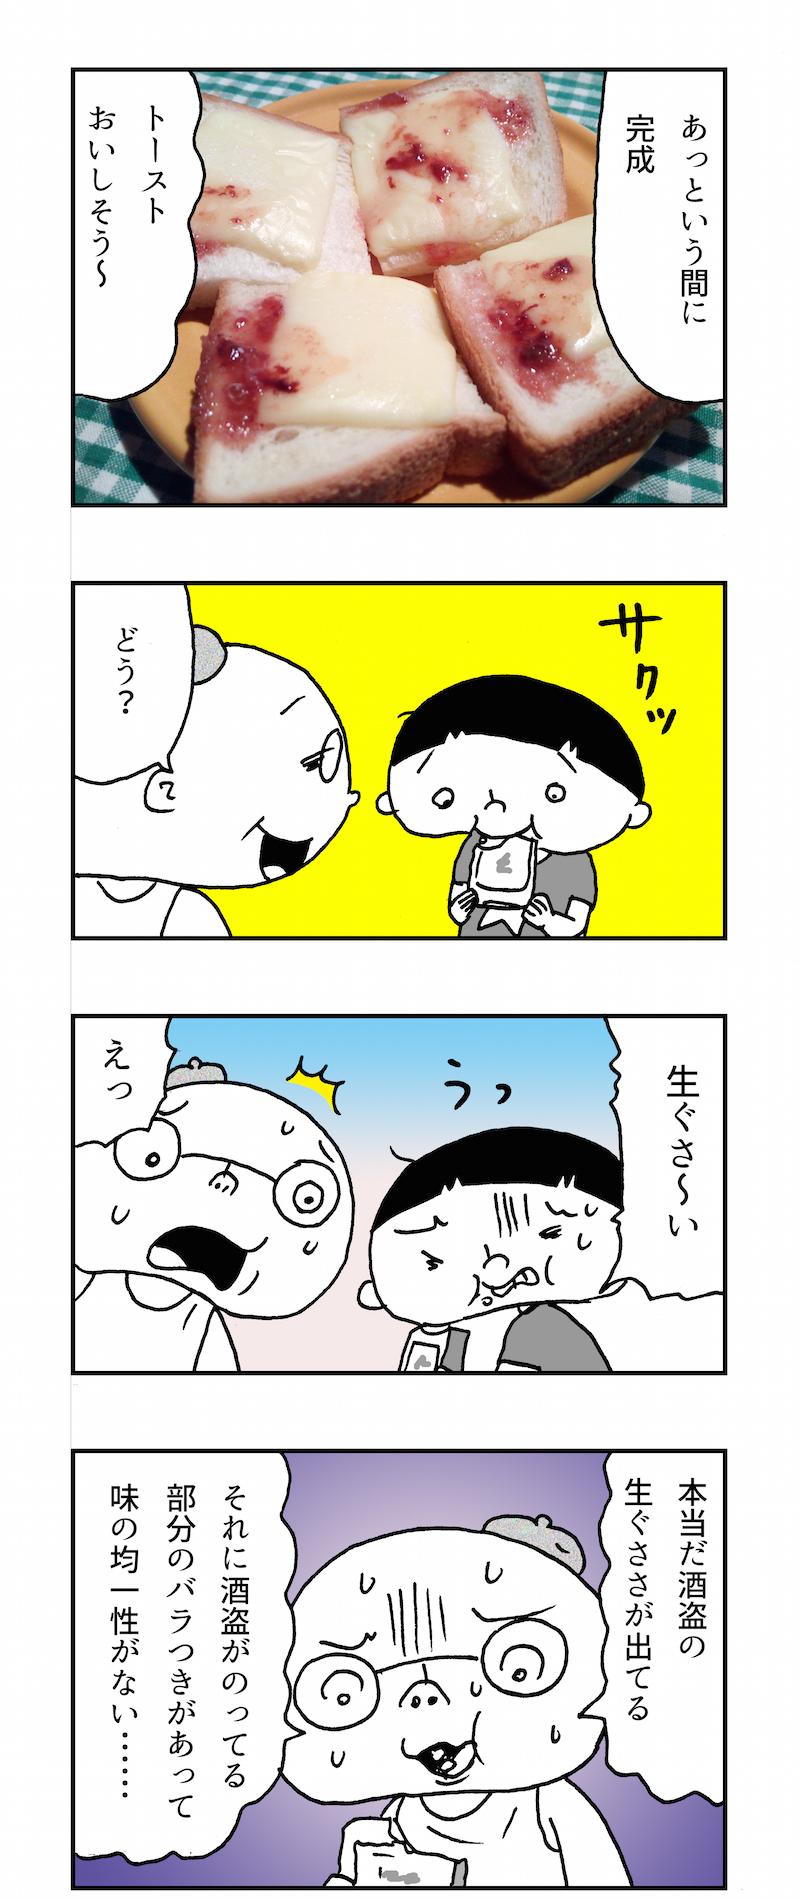 f:id:Meshi2_IB:20160901092901j:plain